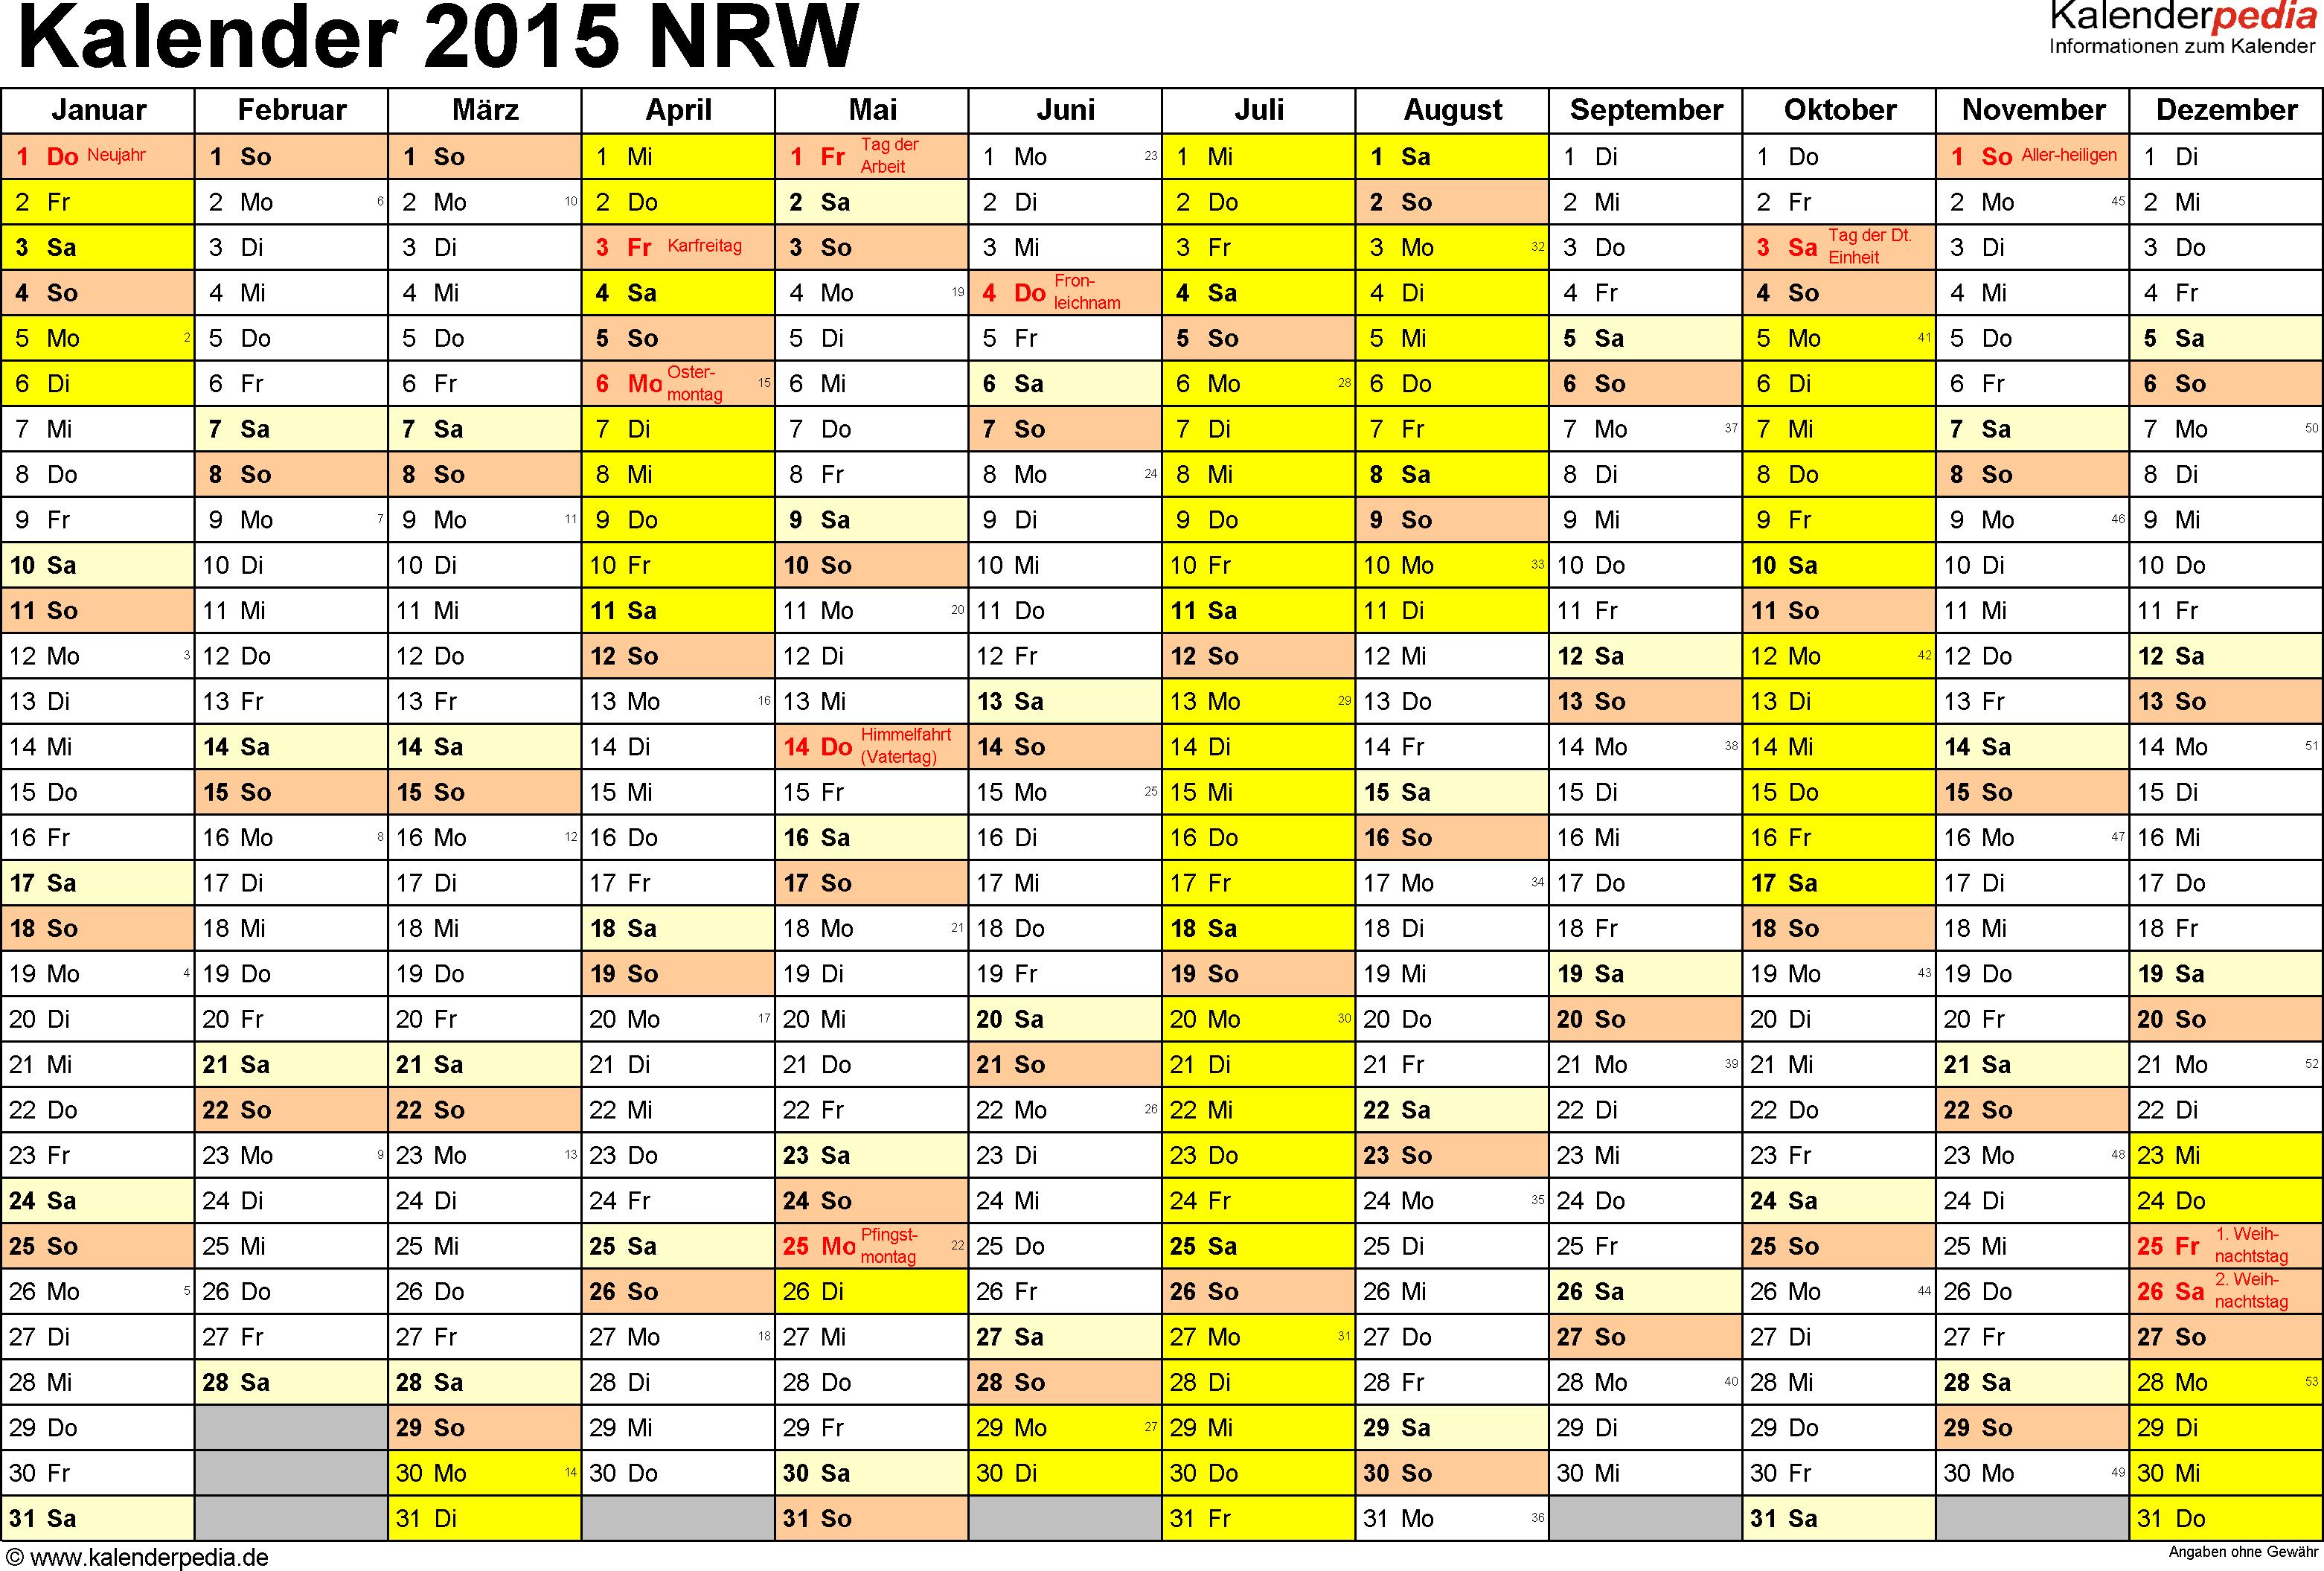 Vorlage 1: Kalender 2015 für Nordrhein-Westfalen (NRW) als PDF-Vorlage (Querformat, 1 Seite)